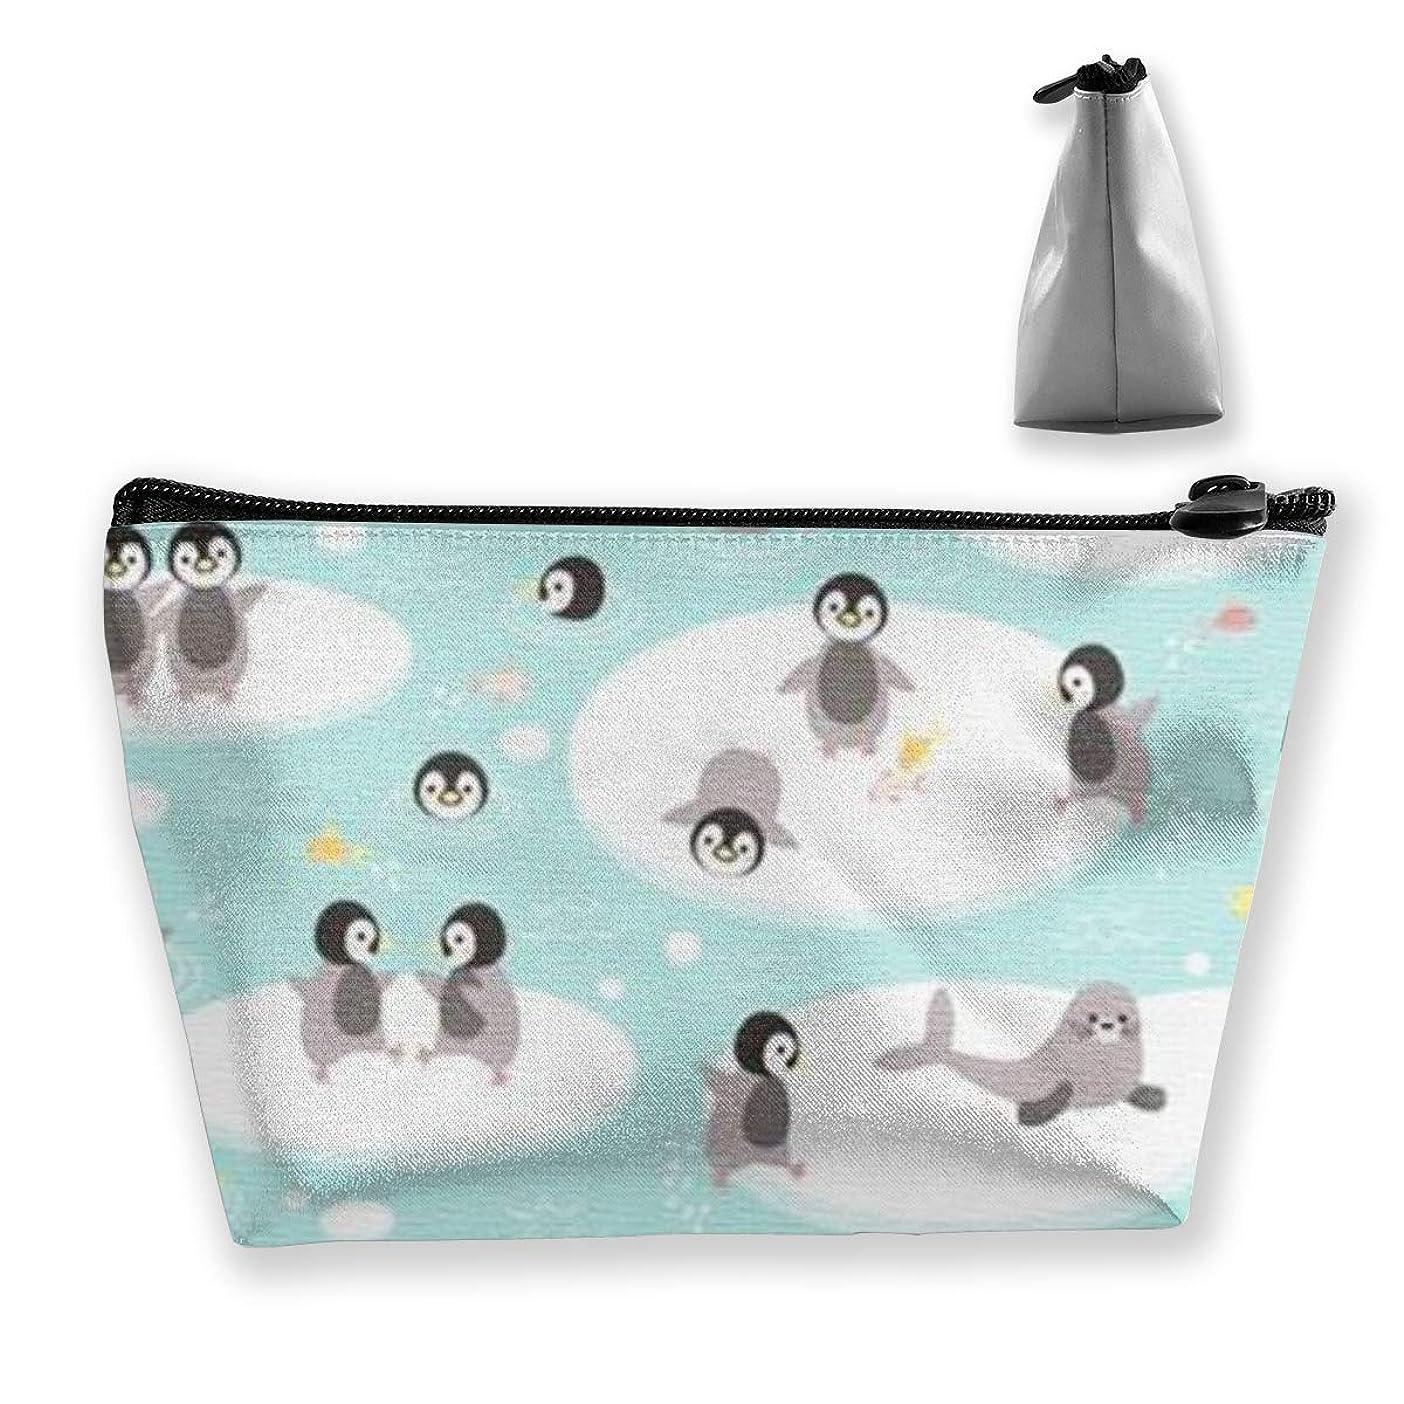 ペンギンと幸せな北極圏 収納ポーチ 化粧ポーチ トラベルポーチ 小物入れ 小財布 防水 大容量 旅行 おしゃれ